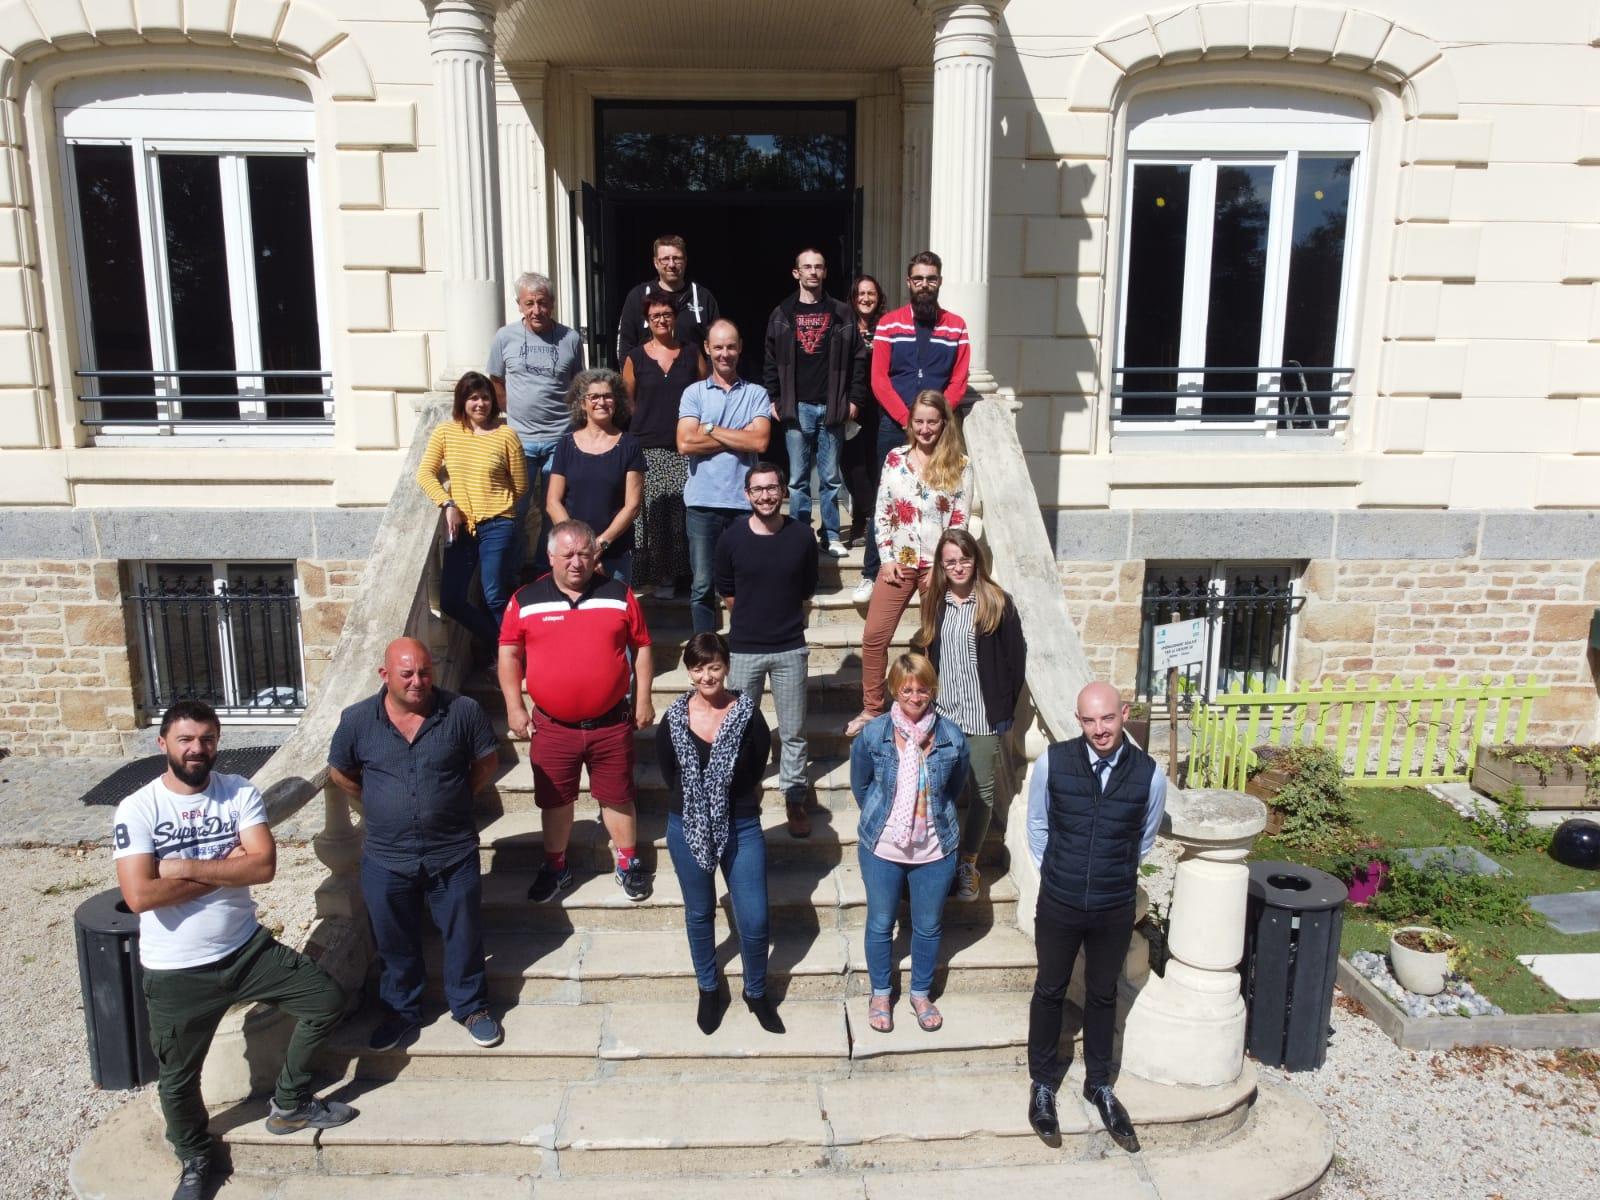 L'équipe pédagogique, administrative et de vie résidentielle de la Maison Familiale du Paysage de Cerisy-Belle-Etoile